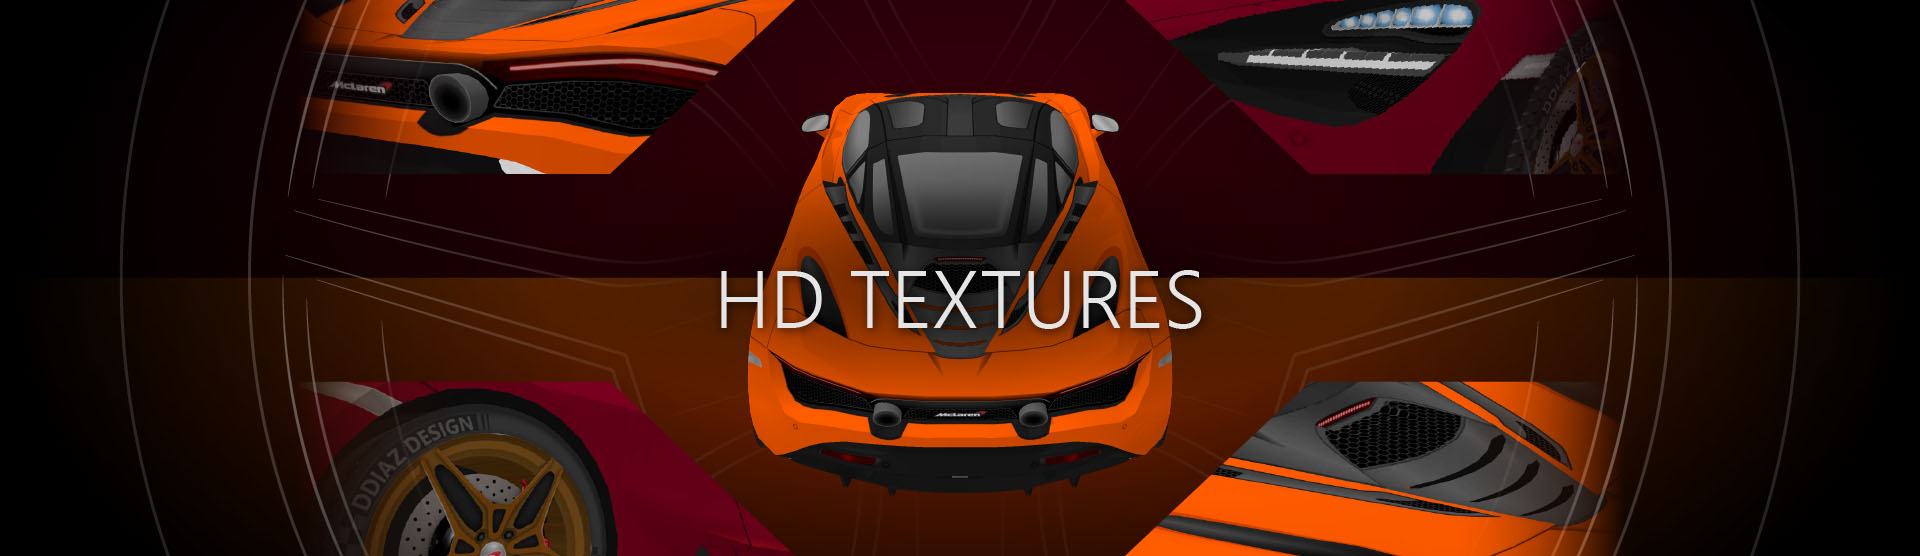 720S Download Textures